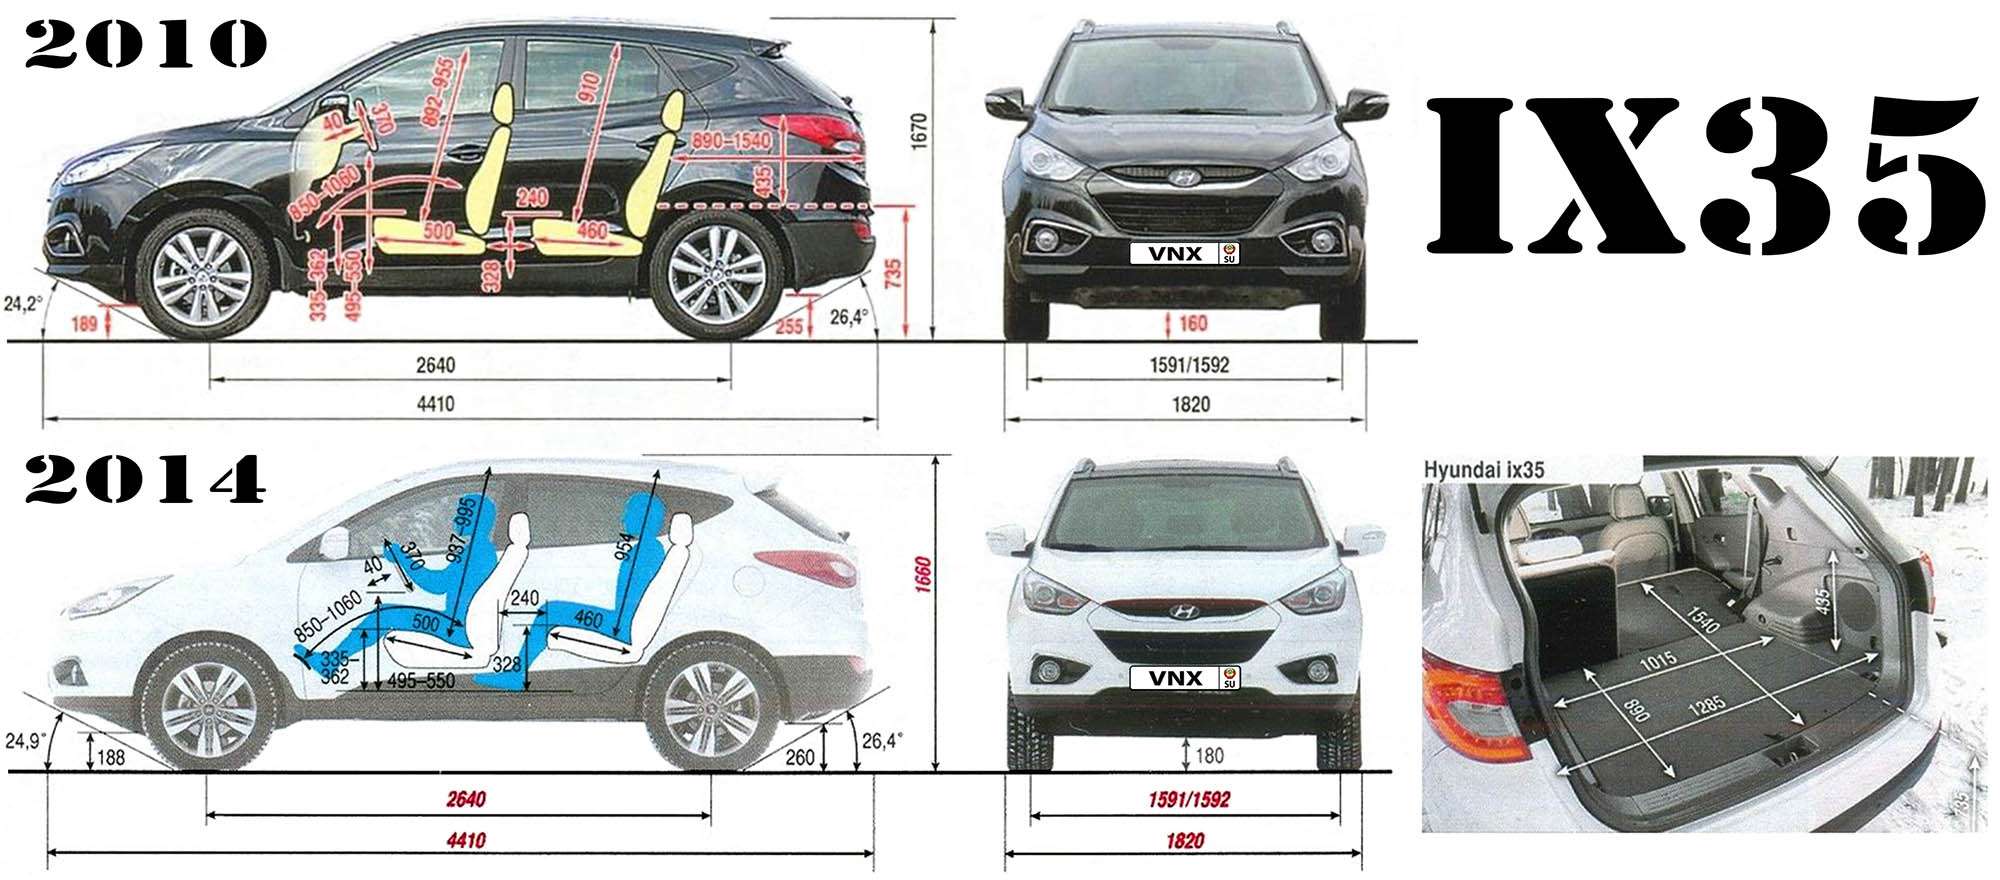 Hyundai ix35 руководство по эксплуатации